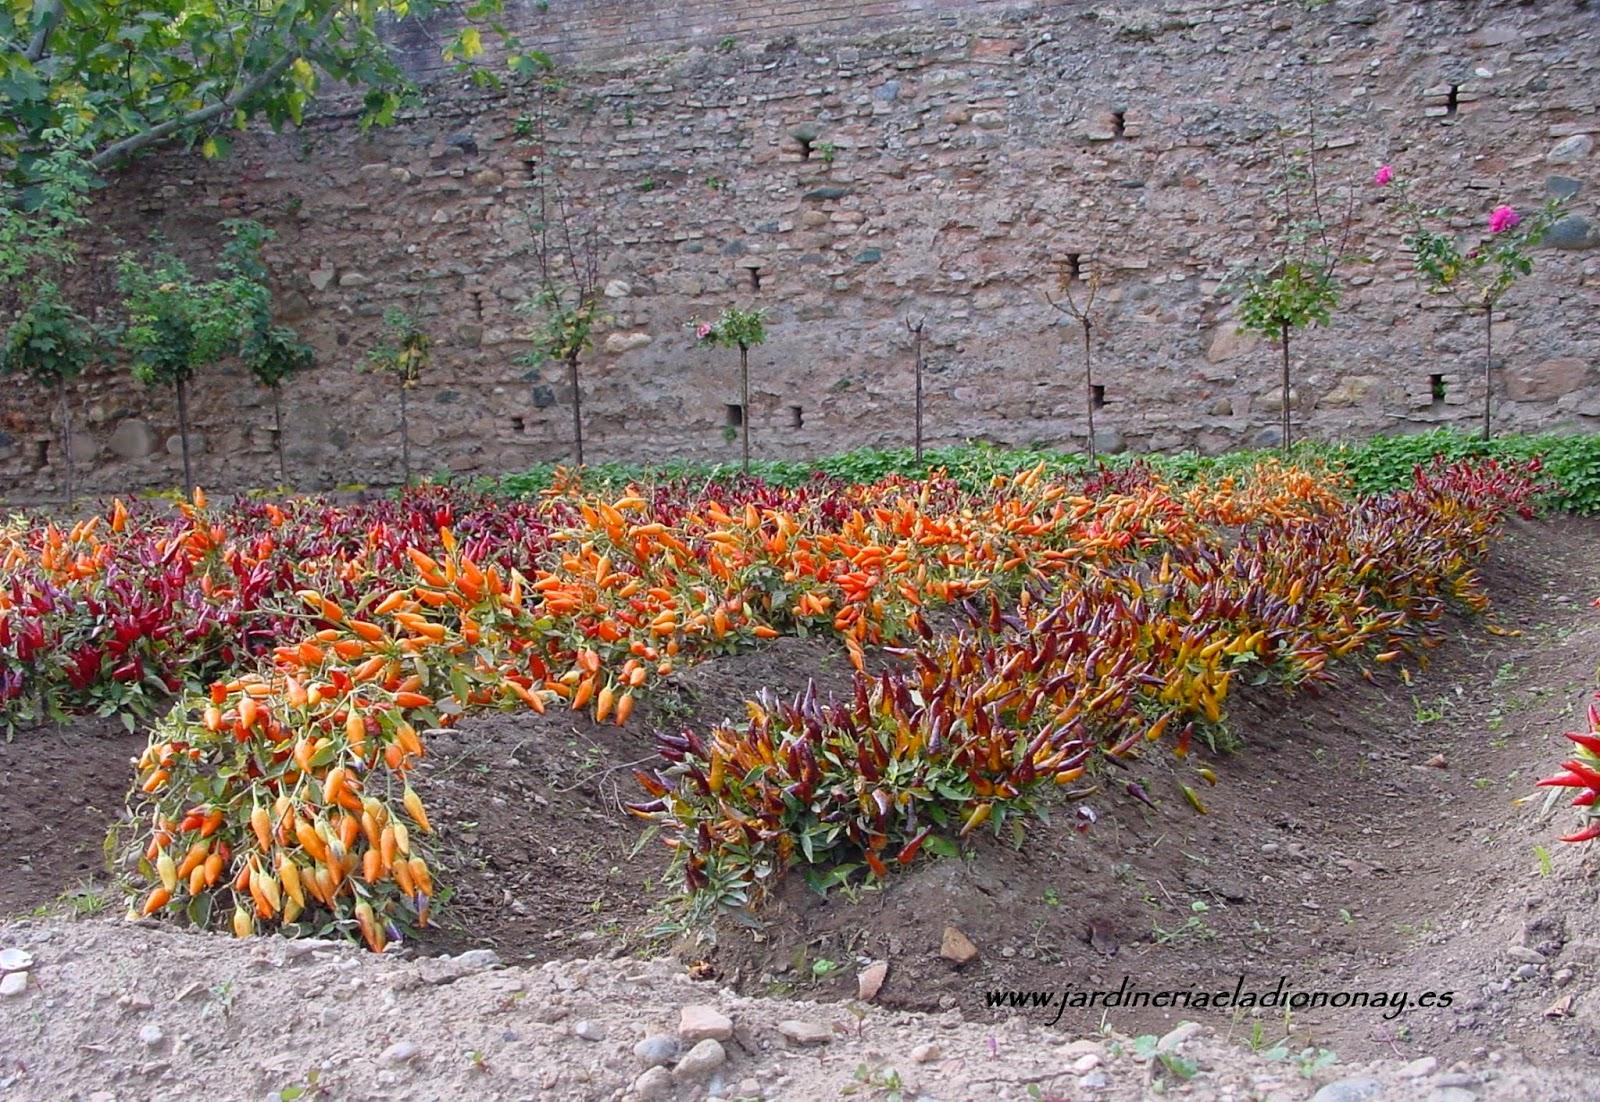 Jardineria eladio nonay capsicum annuum o guindilla - Jardineria eladio nonay ...